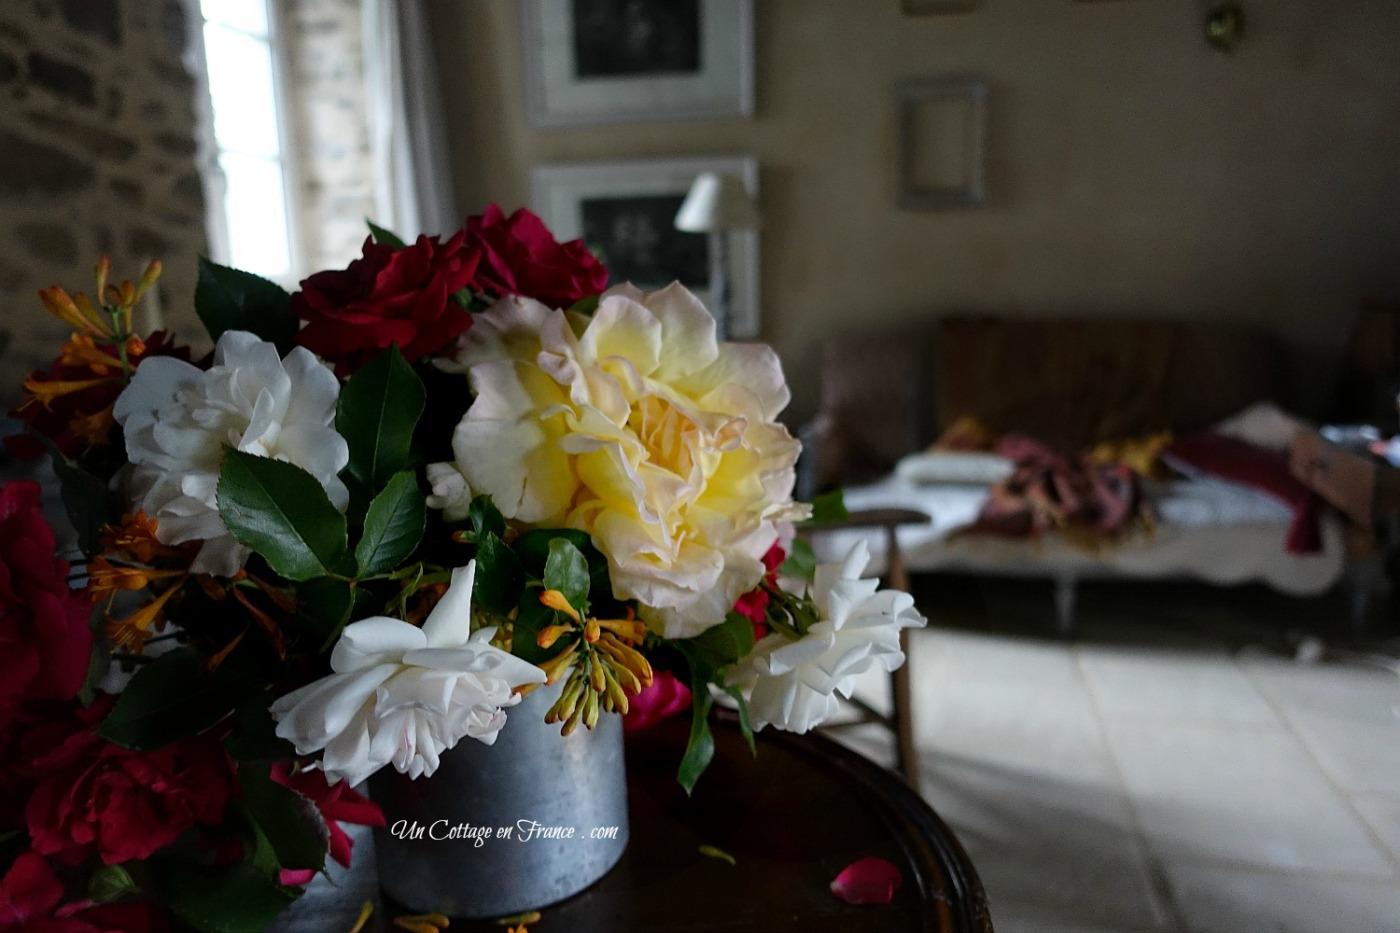 Salon campagne chic, bouquet de roses printemps 2017, esprit jolie maison 2